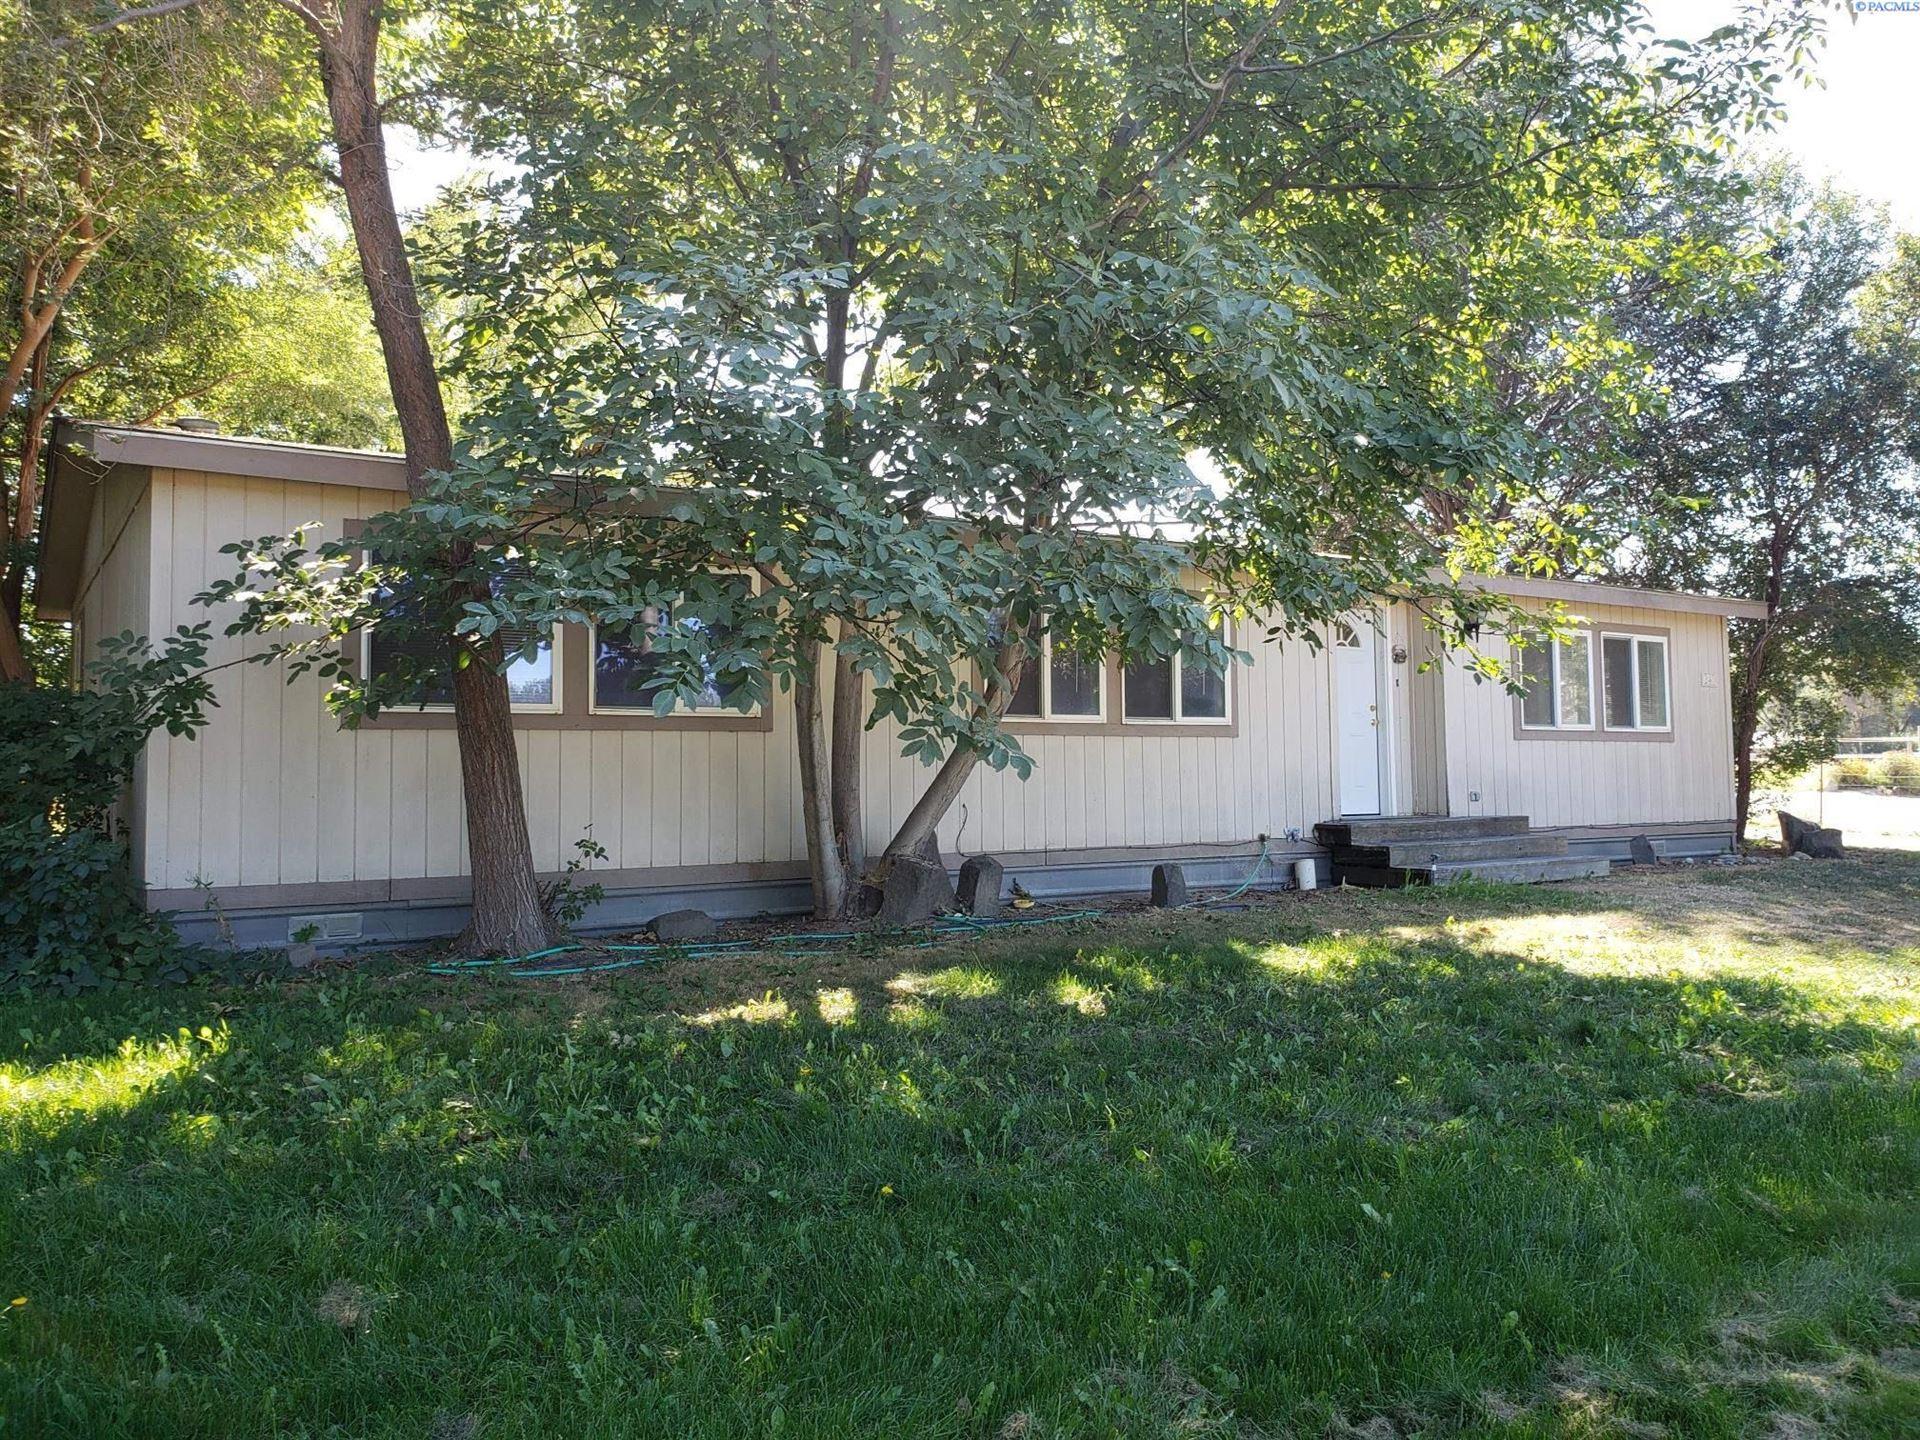 Photo of 240 E 23rd Ave, Kennewick, WA 99337 (MLS # 256646)